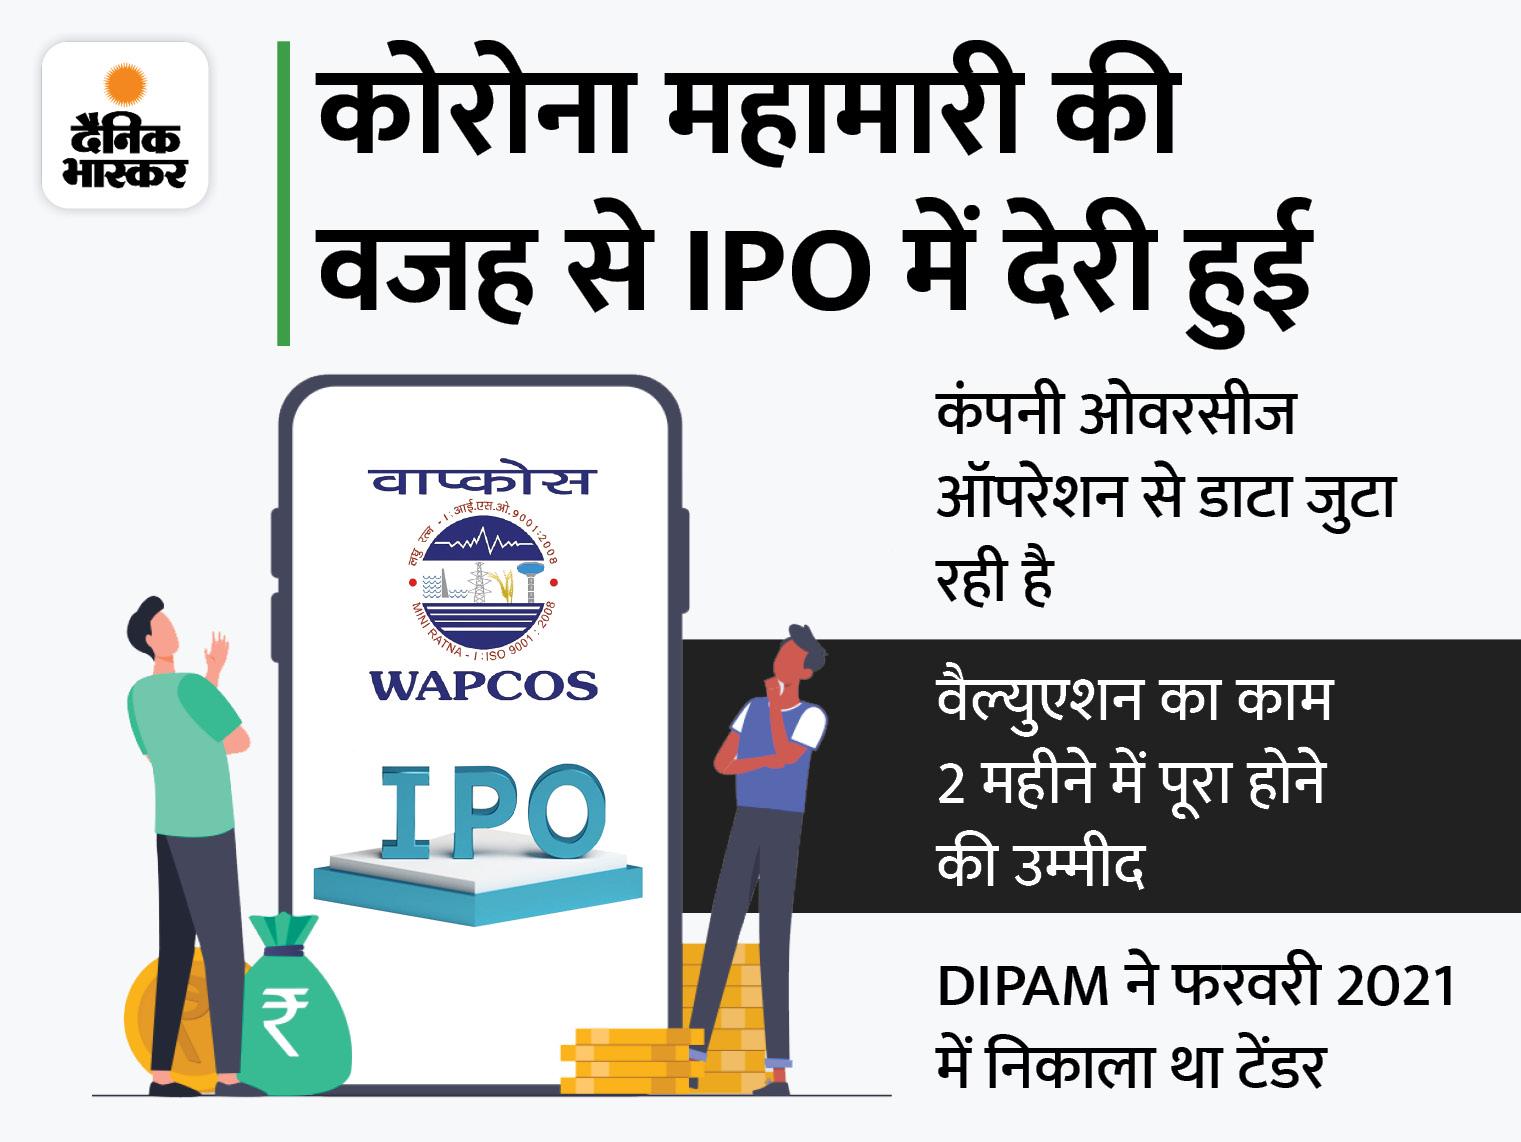 IPO के जरिए 25% हिस्सेदारी बेचने की योजना, मार्च 2022 तक आ सकता है इश्यू|बिजनेस,Business - Dainik Bhaskar